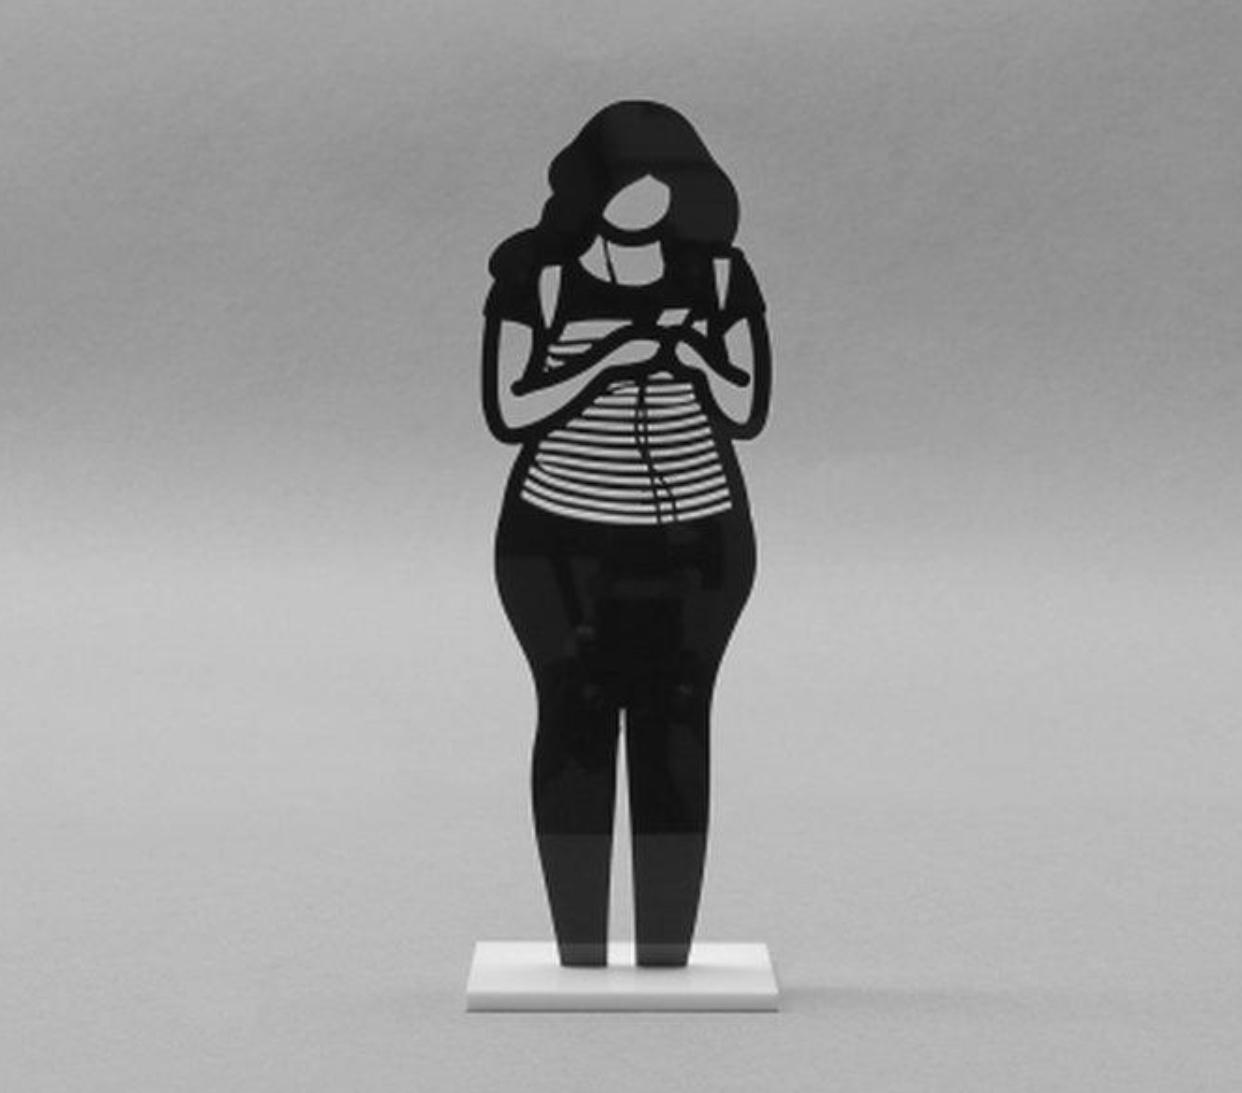 JULIAN OPIE 'BACK PACK ACRYLIC ART SCULPTURE' - 2020